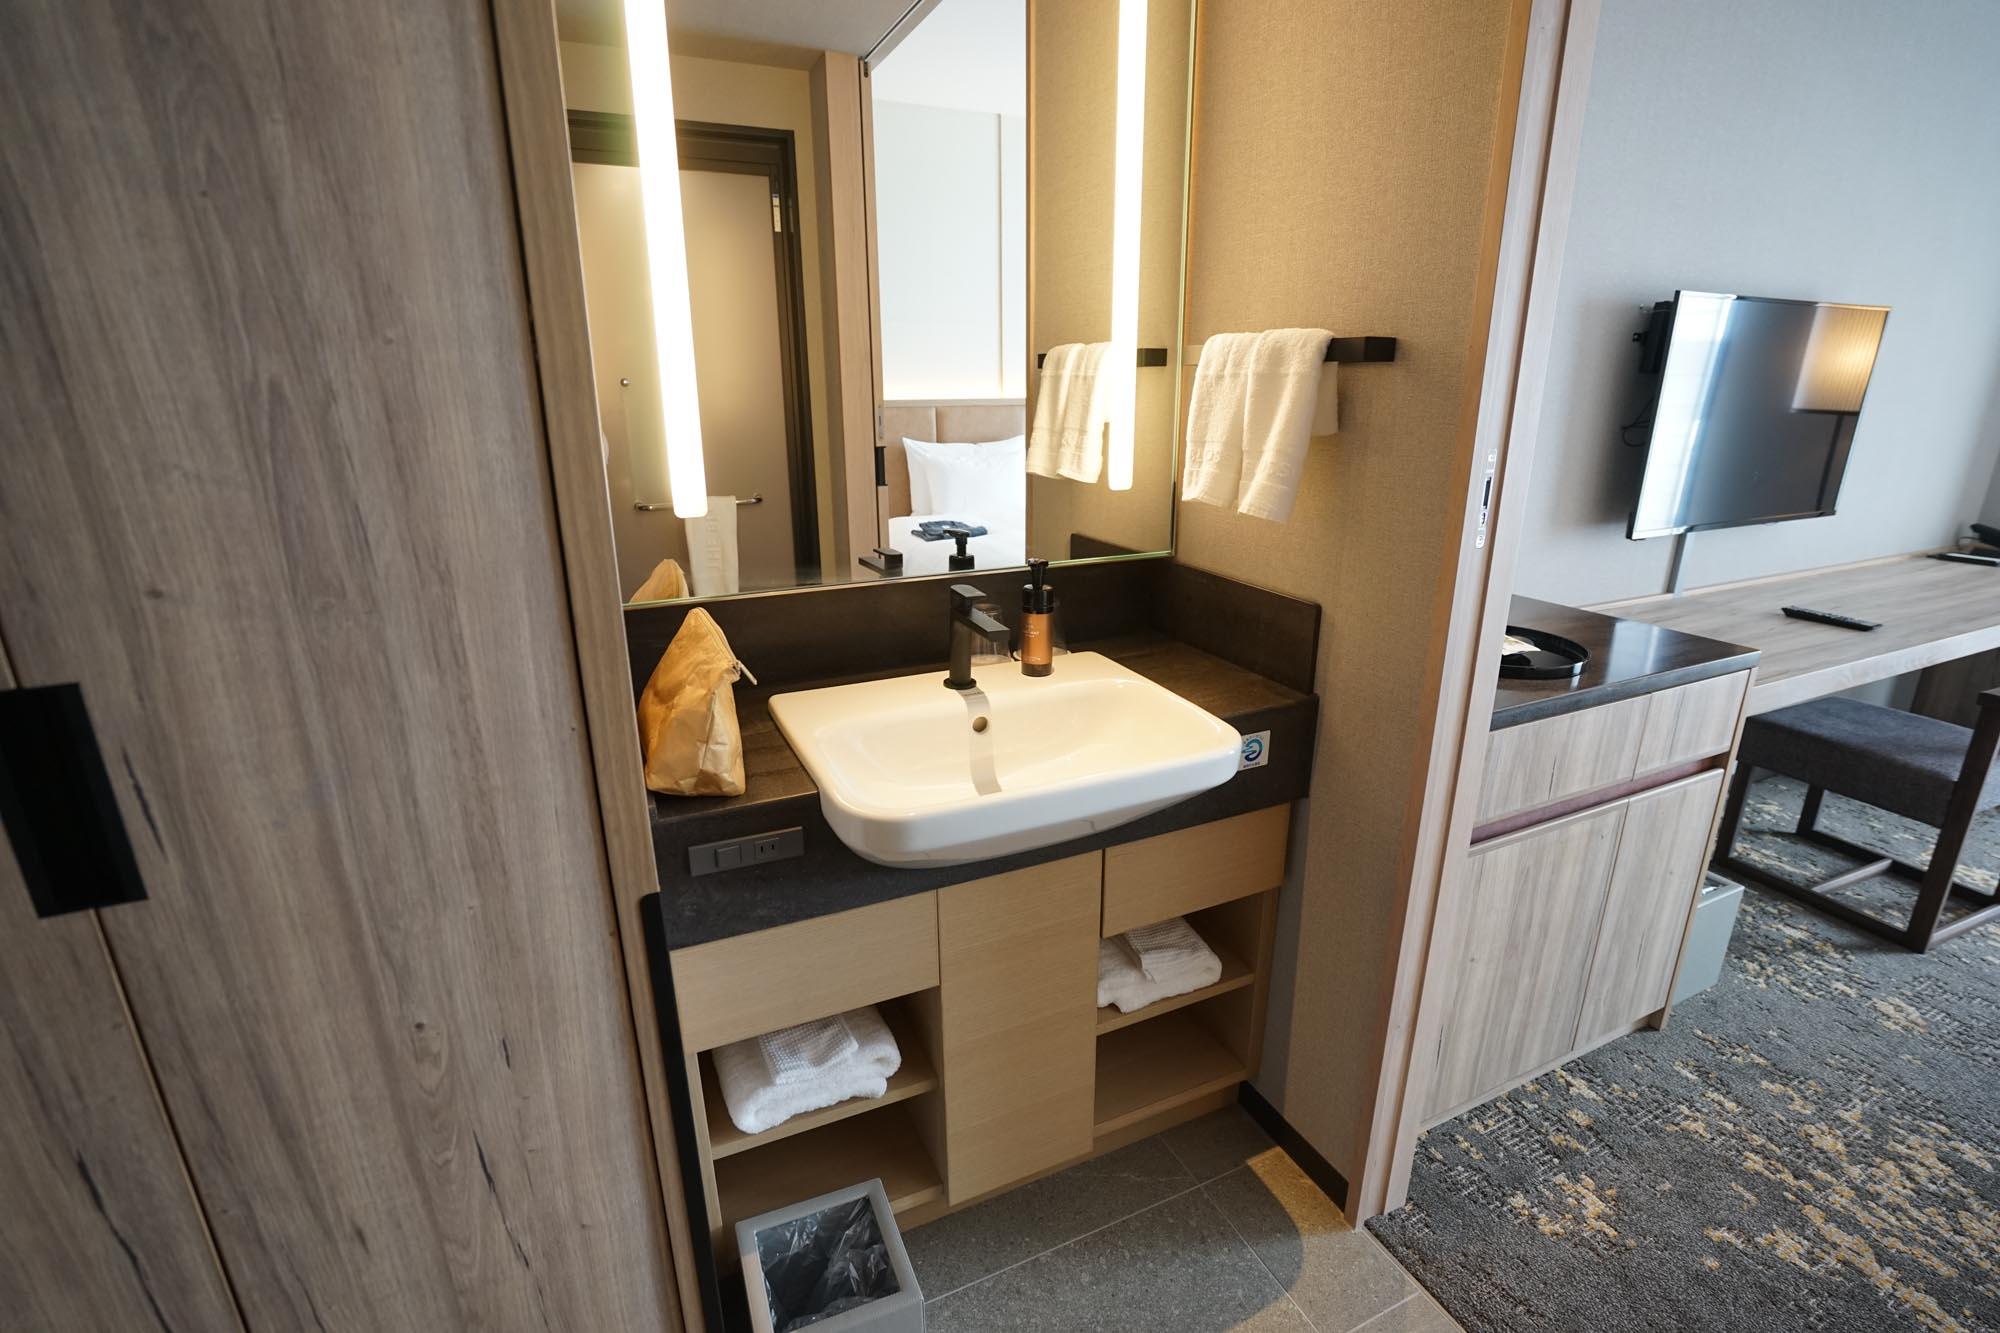 独立洗面台が廊下側にあります。廊下と室内とは、引き戸で仕切ることもできますよ。